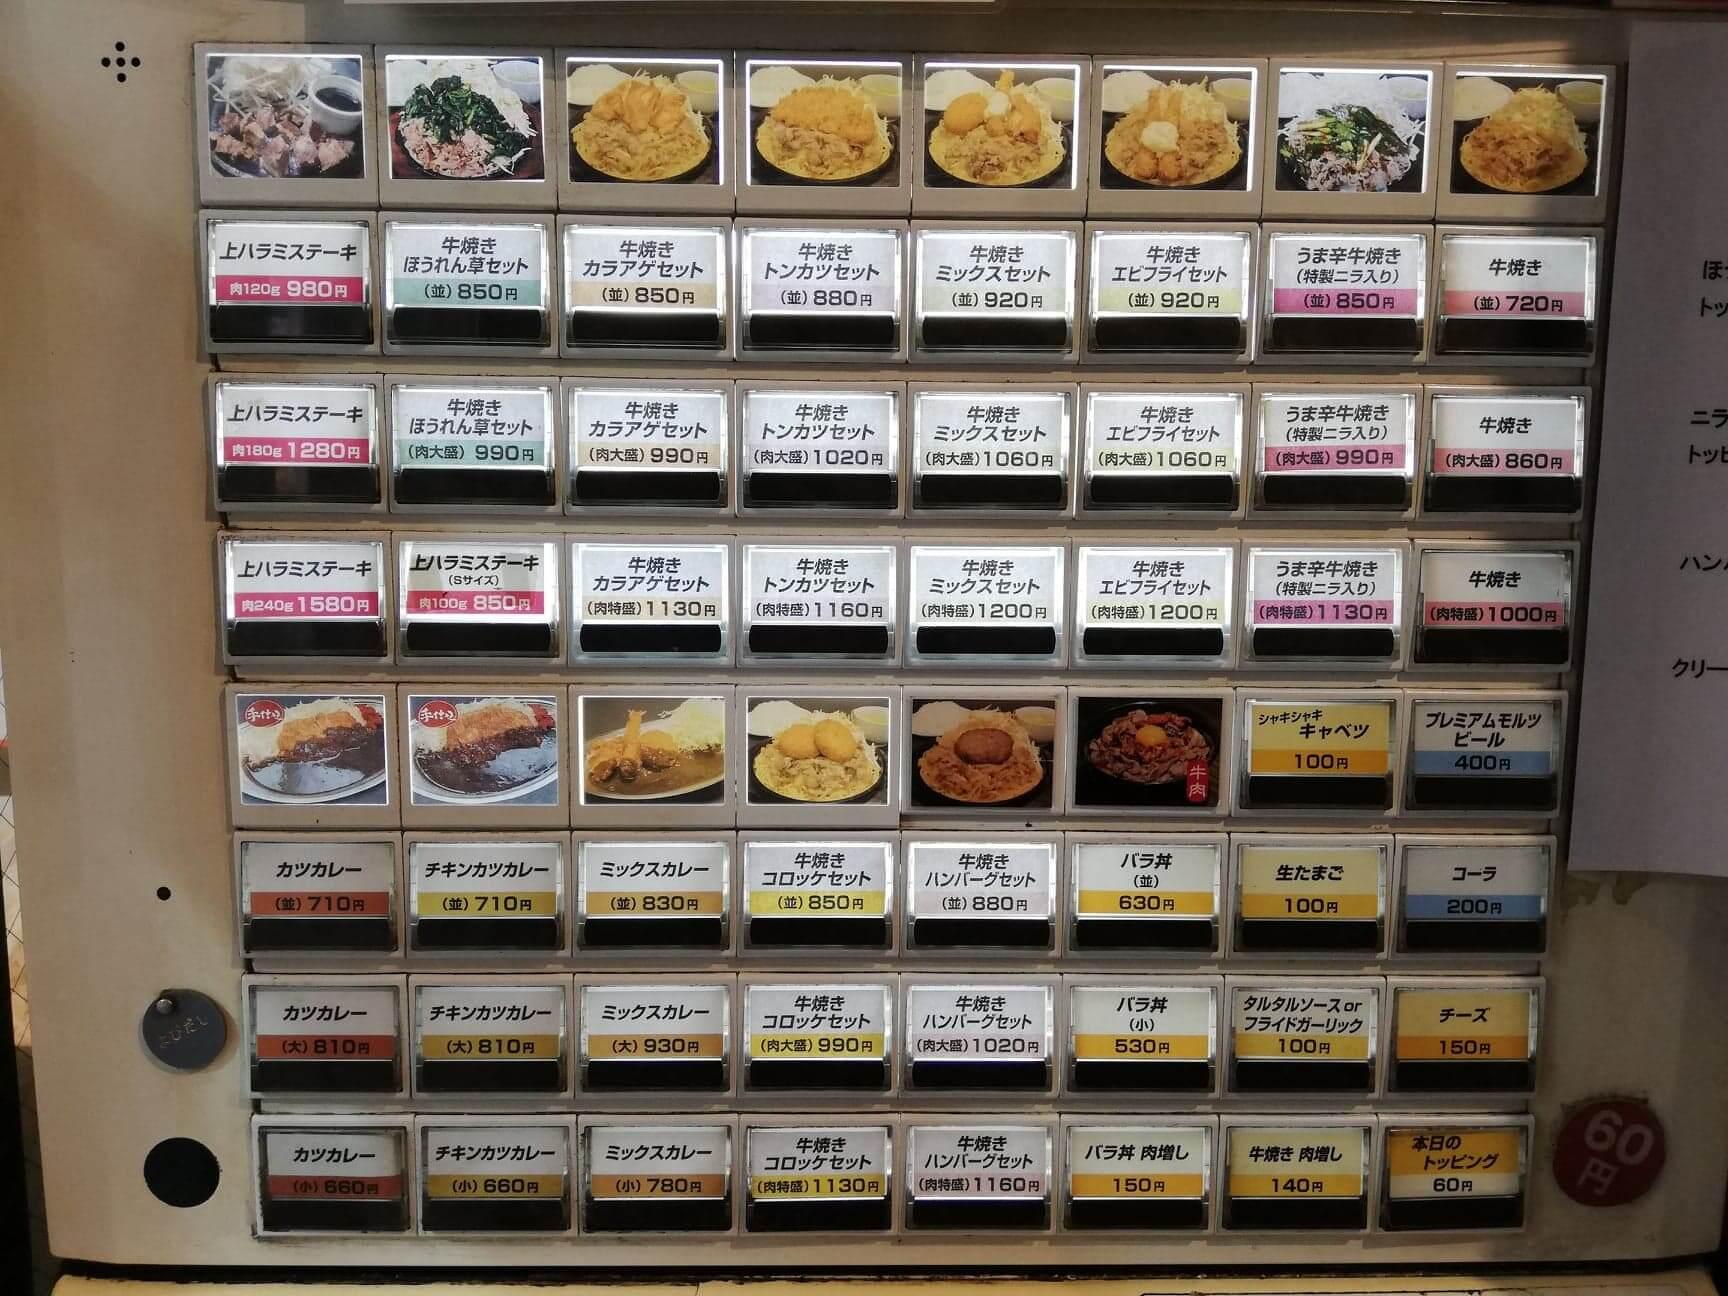 池袋『牛焼ジョニー』の券売機の写真